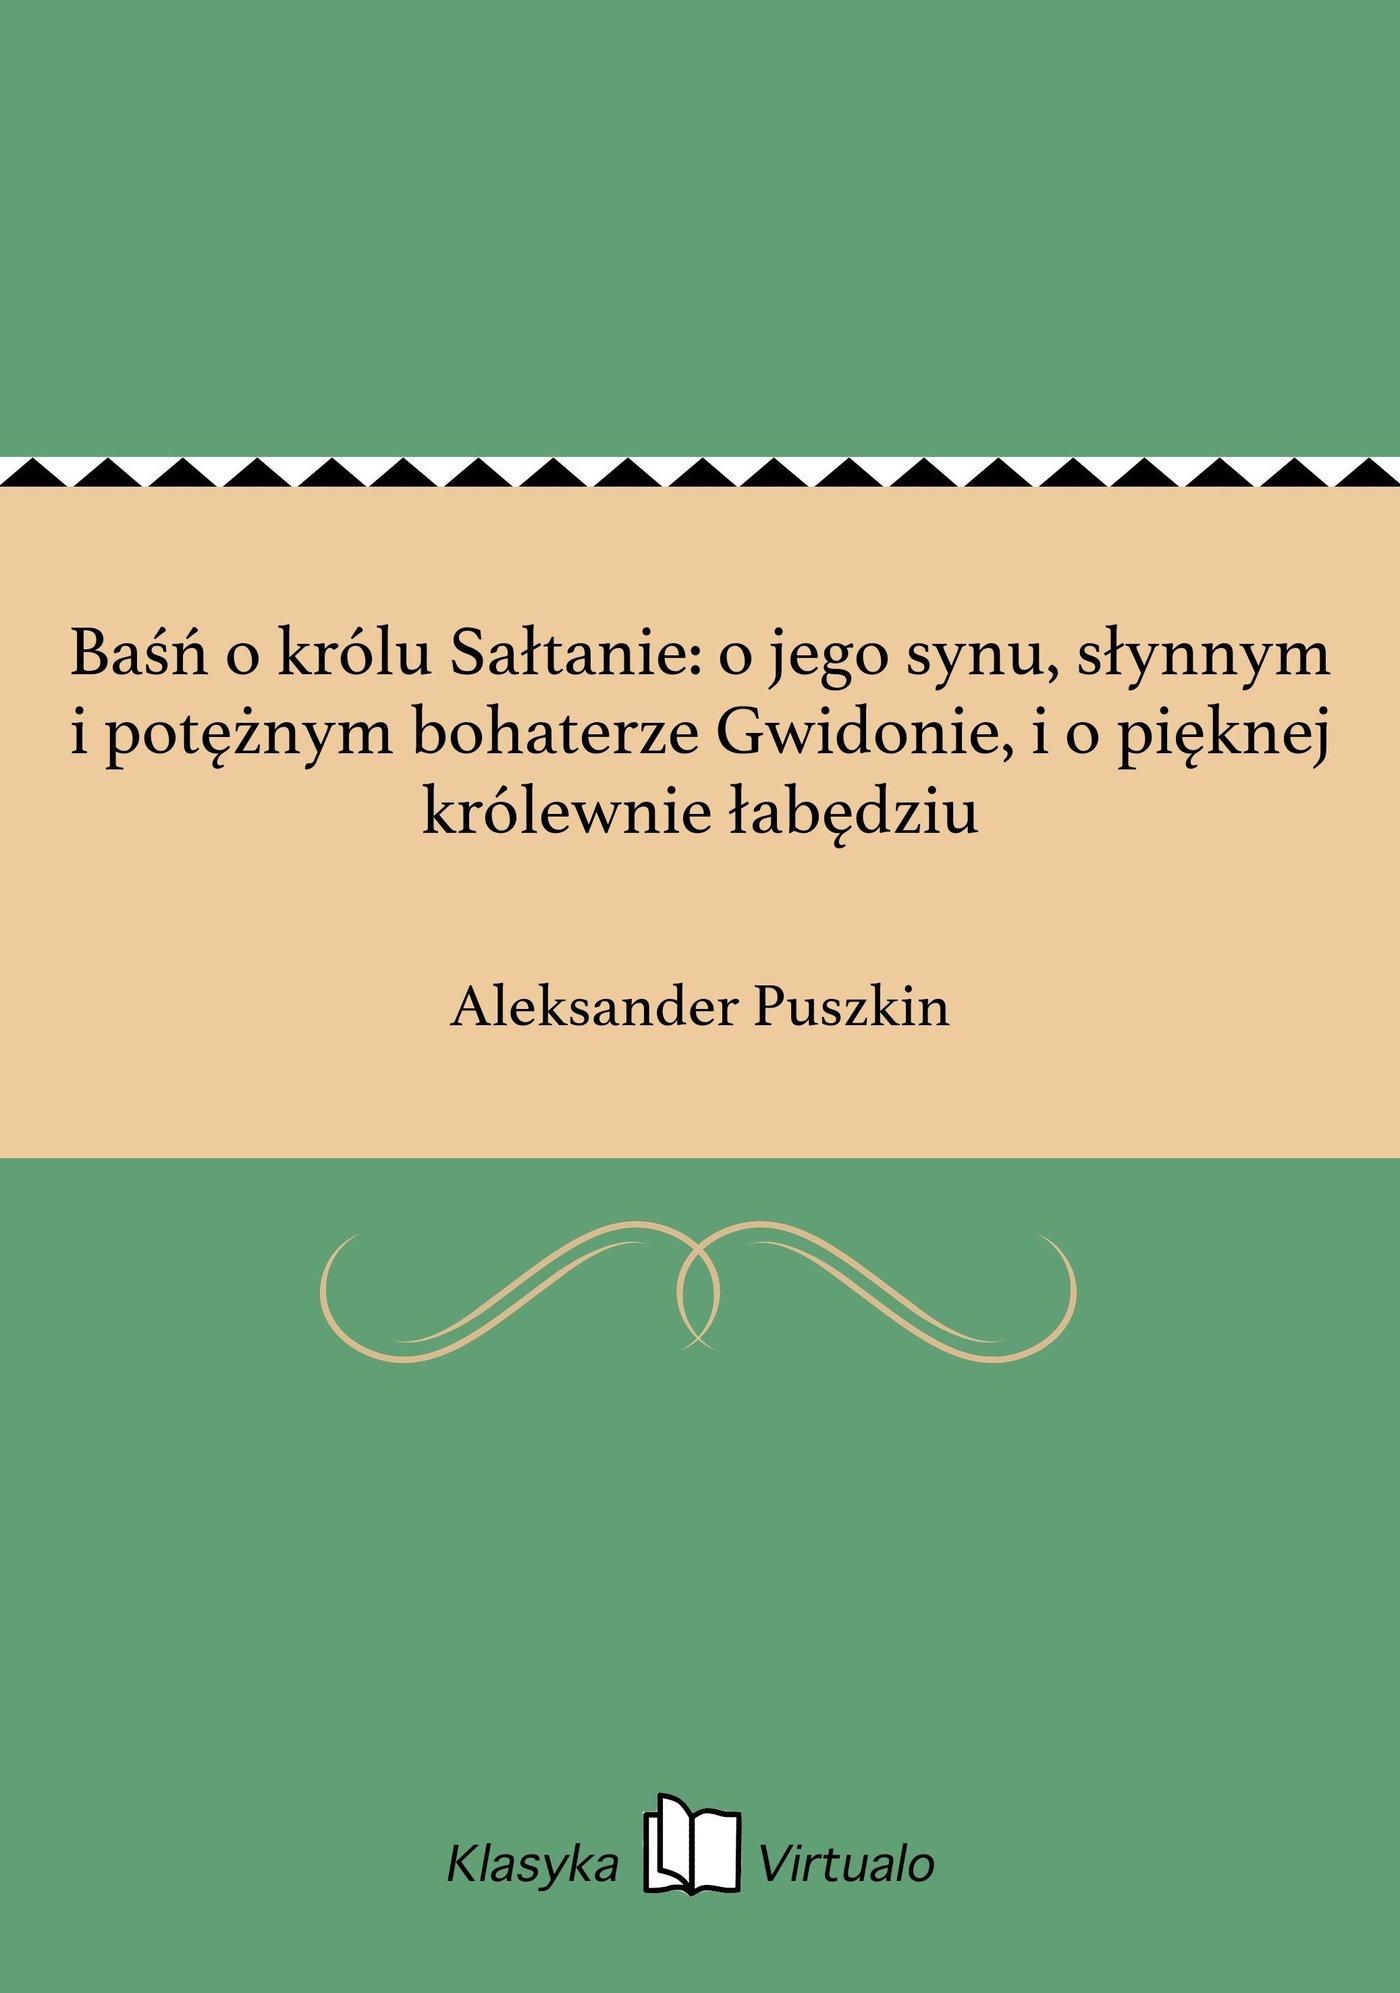 Baśń o królu Sałtanie: o jego synu, słynnym i potężnym bohaterze Gwidonie, i o pięknej królewnie łabędziu - Ebook (Książka na Kindle) do pobrania w formacie MOBI